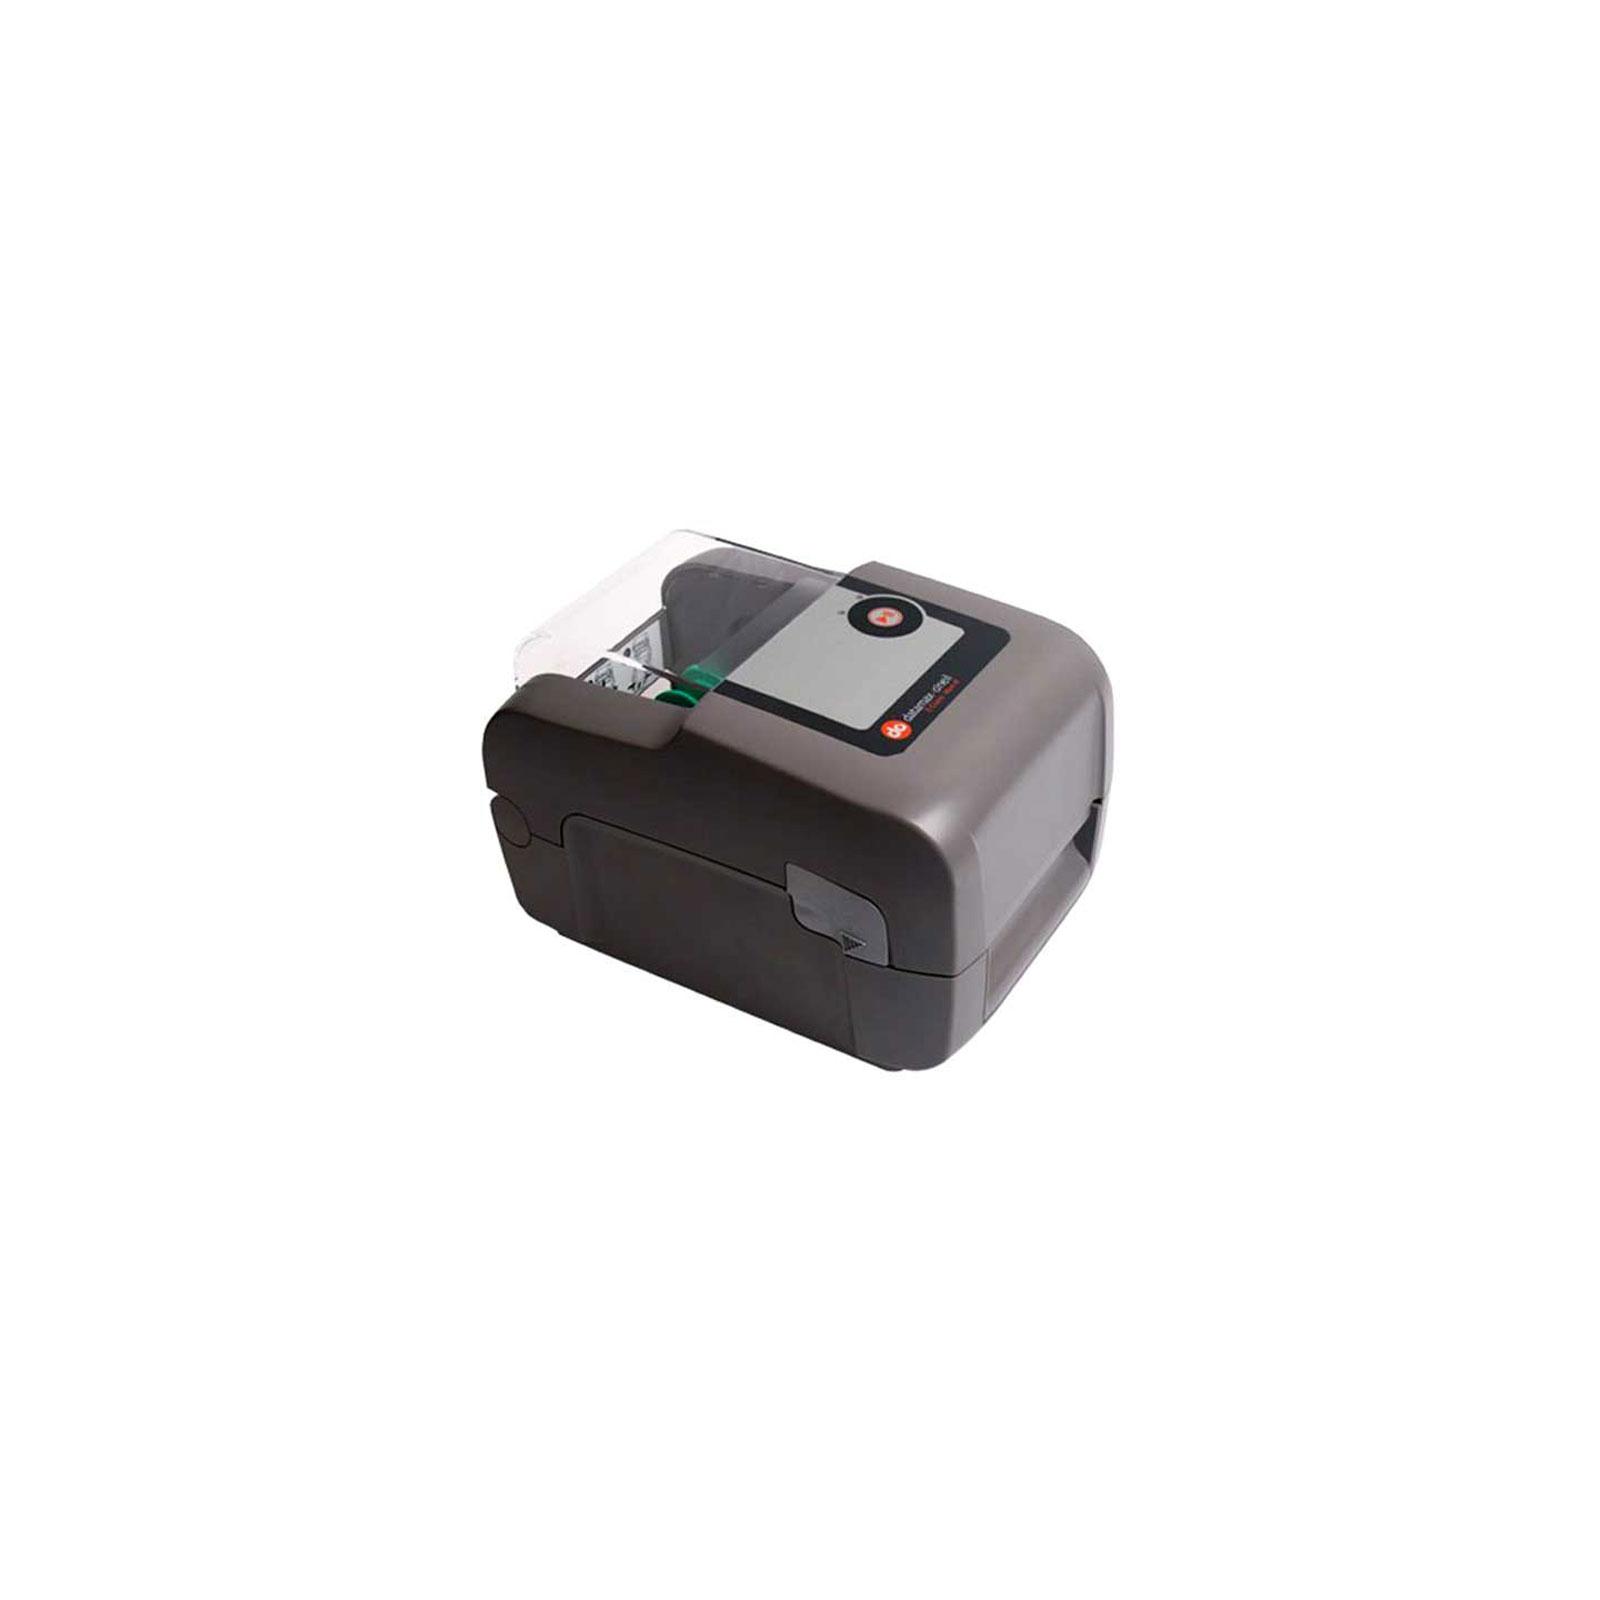 Принтер этикеток Datamax-O'neil E-Class Mark III E-4204B, 203dpi (EB2-00-1E000B00) изображение 2